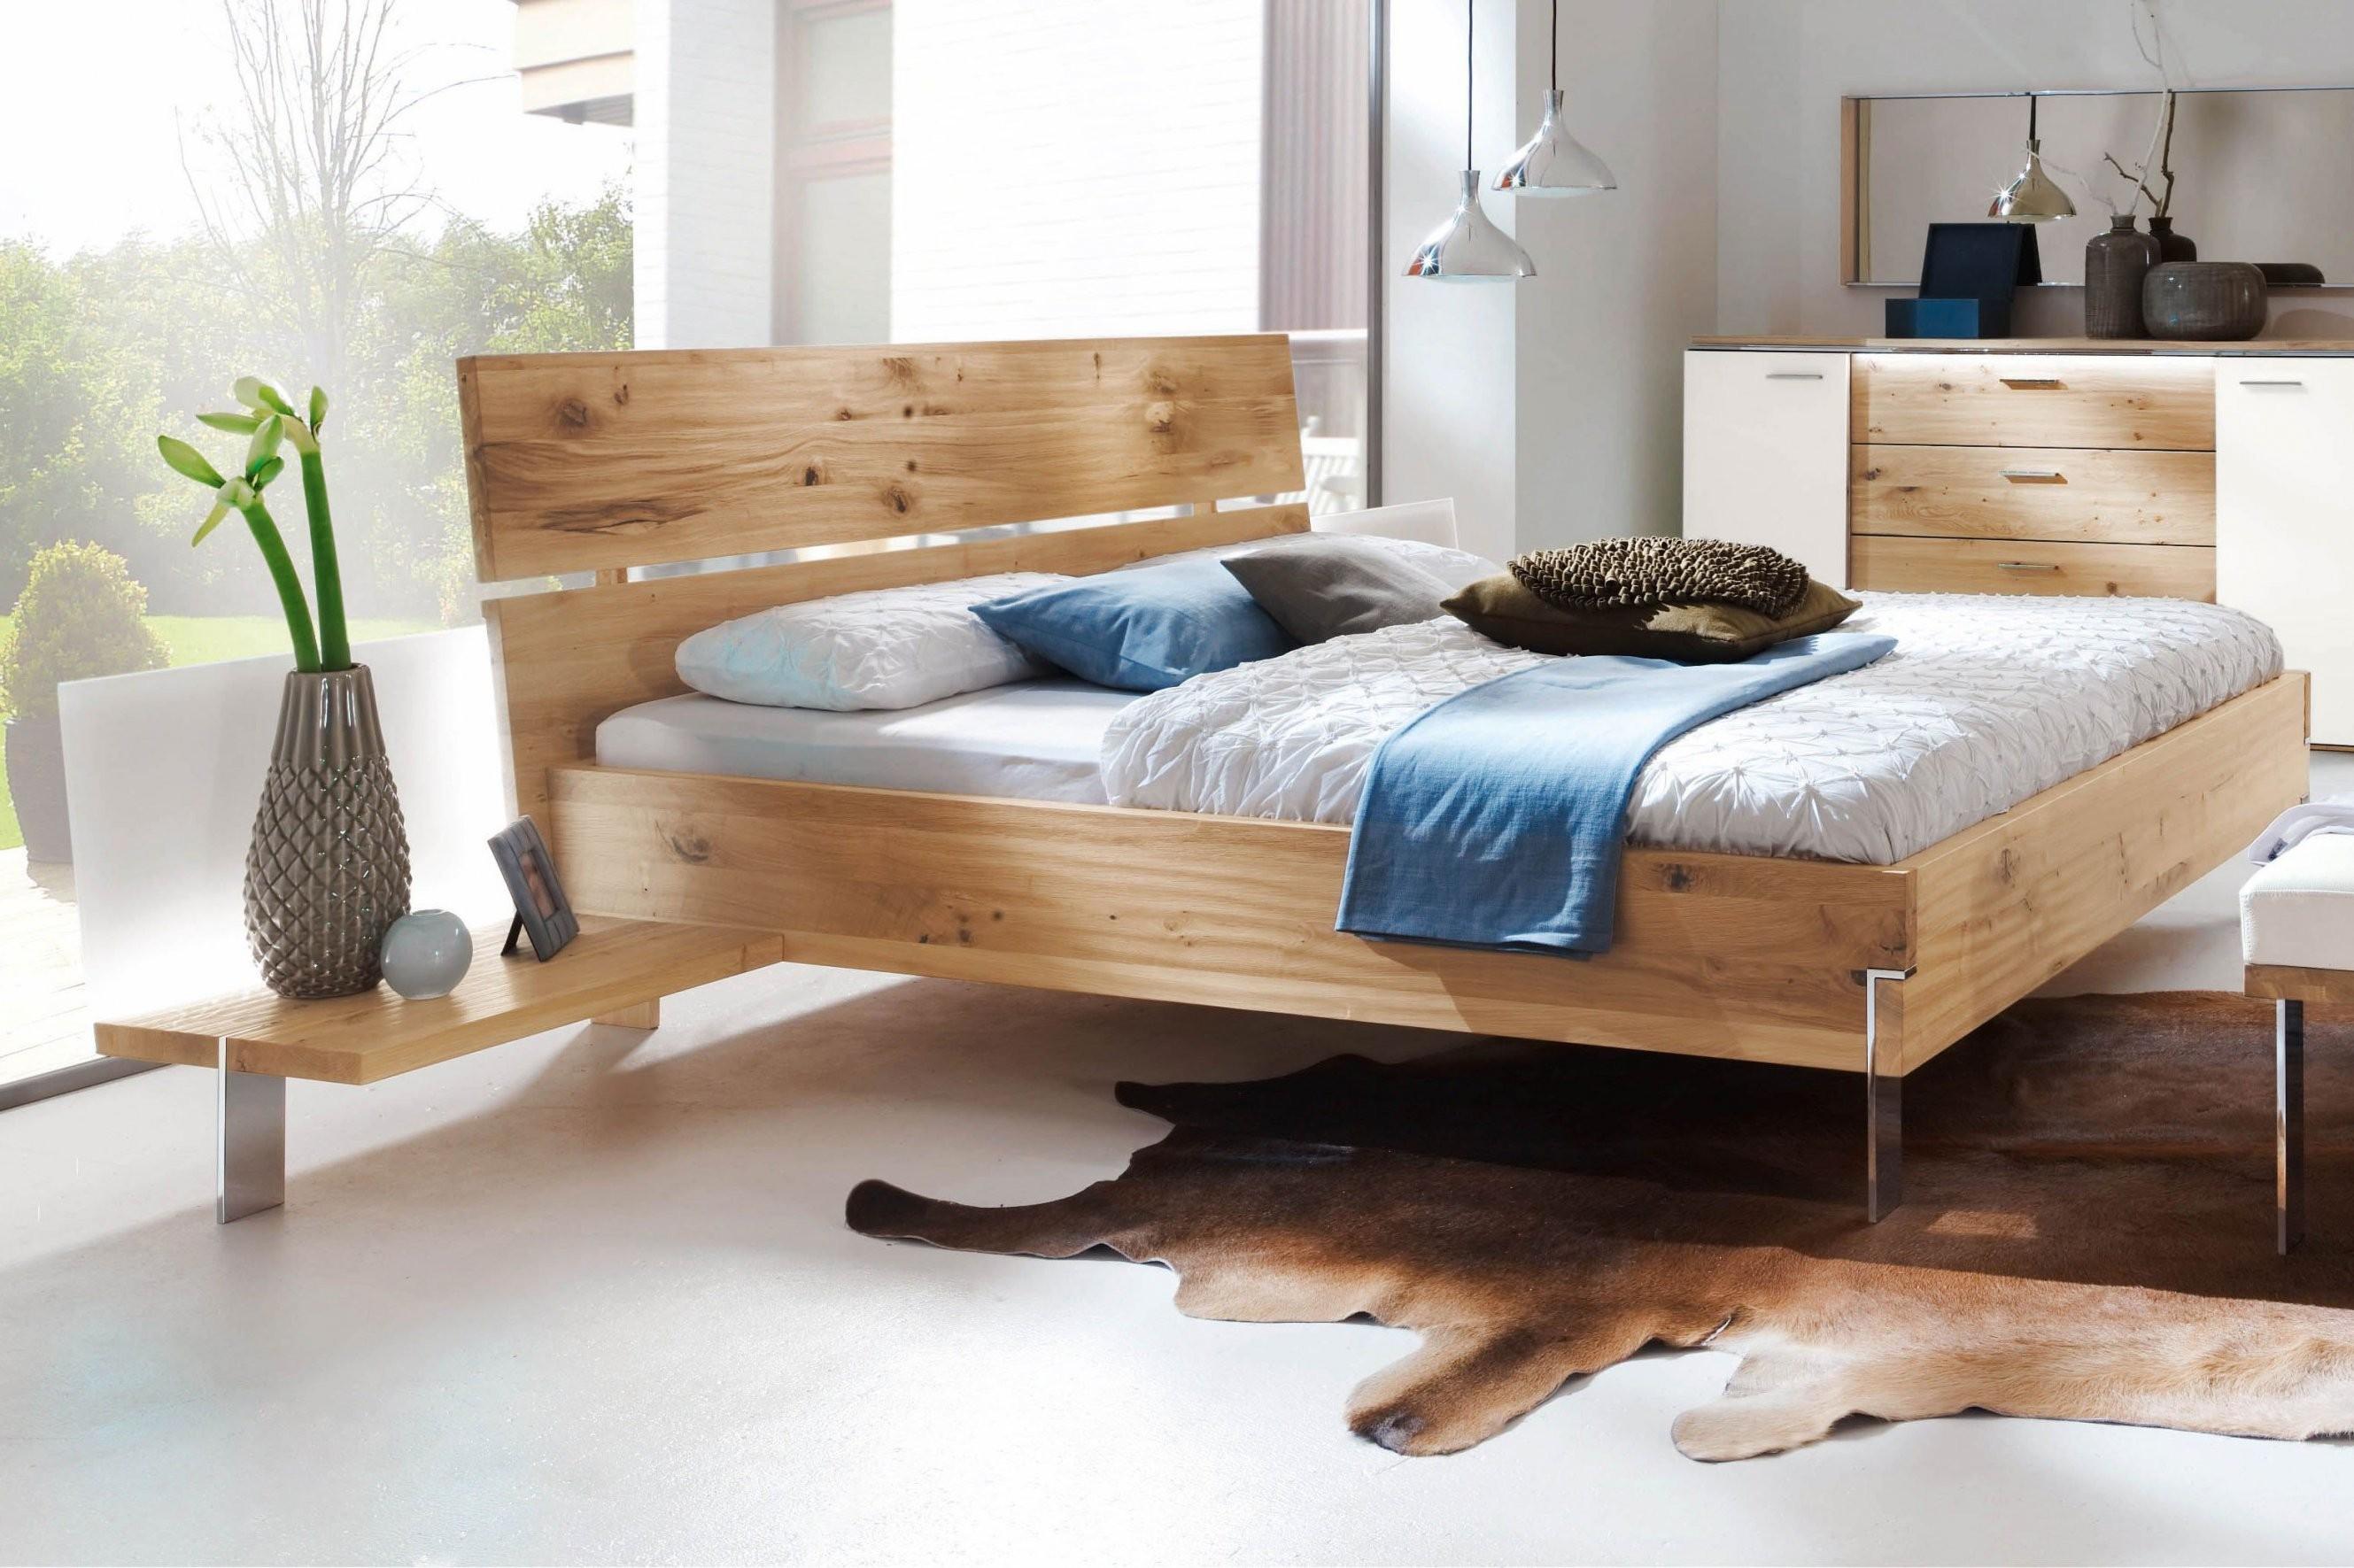 Thielemeyer Loft Komfortliegenbett 180X200 Cm  Möbel Letz  Ihr von Bett Eiche Massiv 180X200 Photo